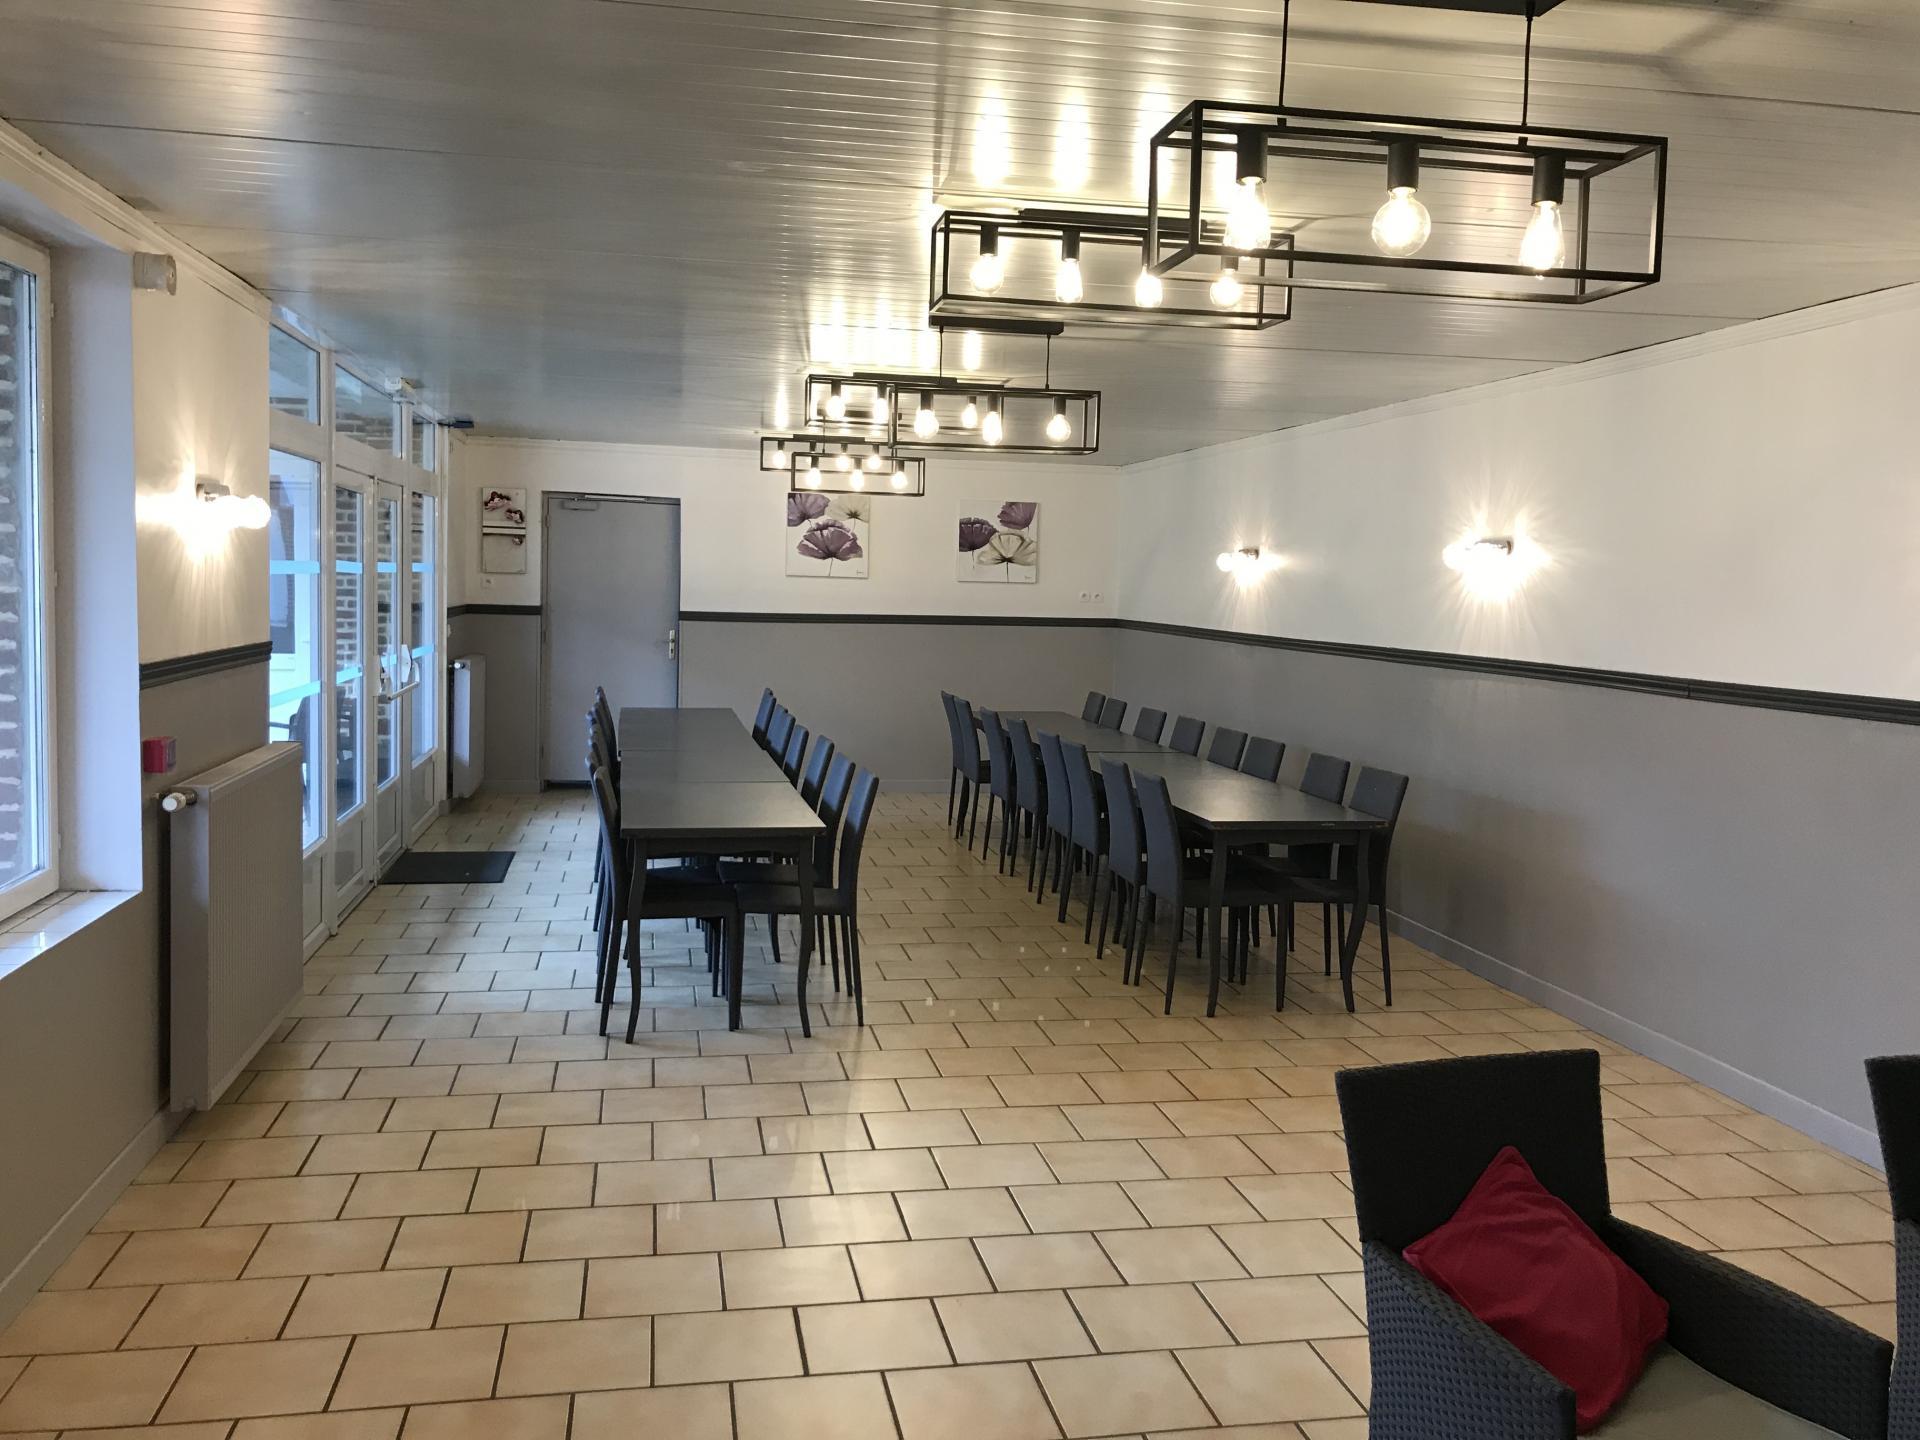 la salle de réception- réunion au gîte Le Chouet